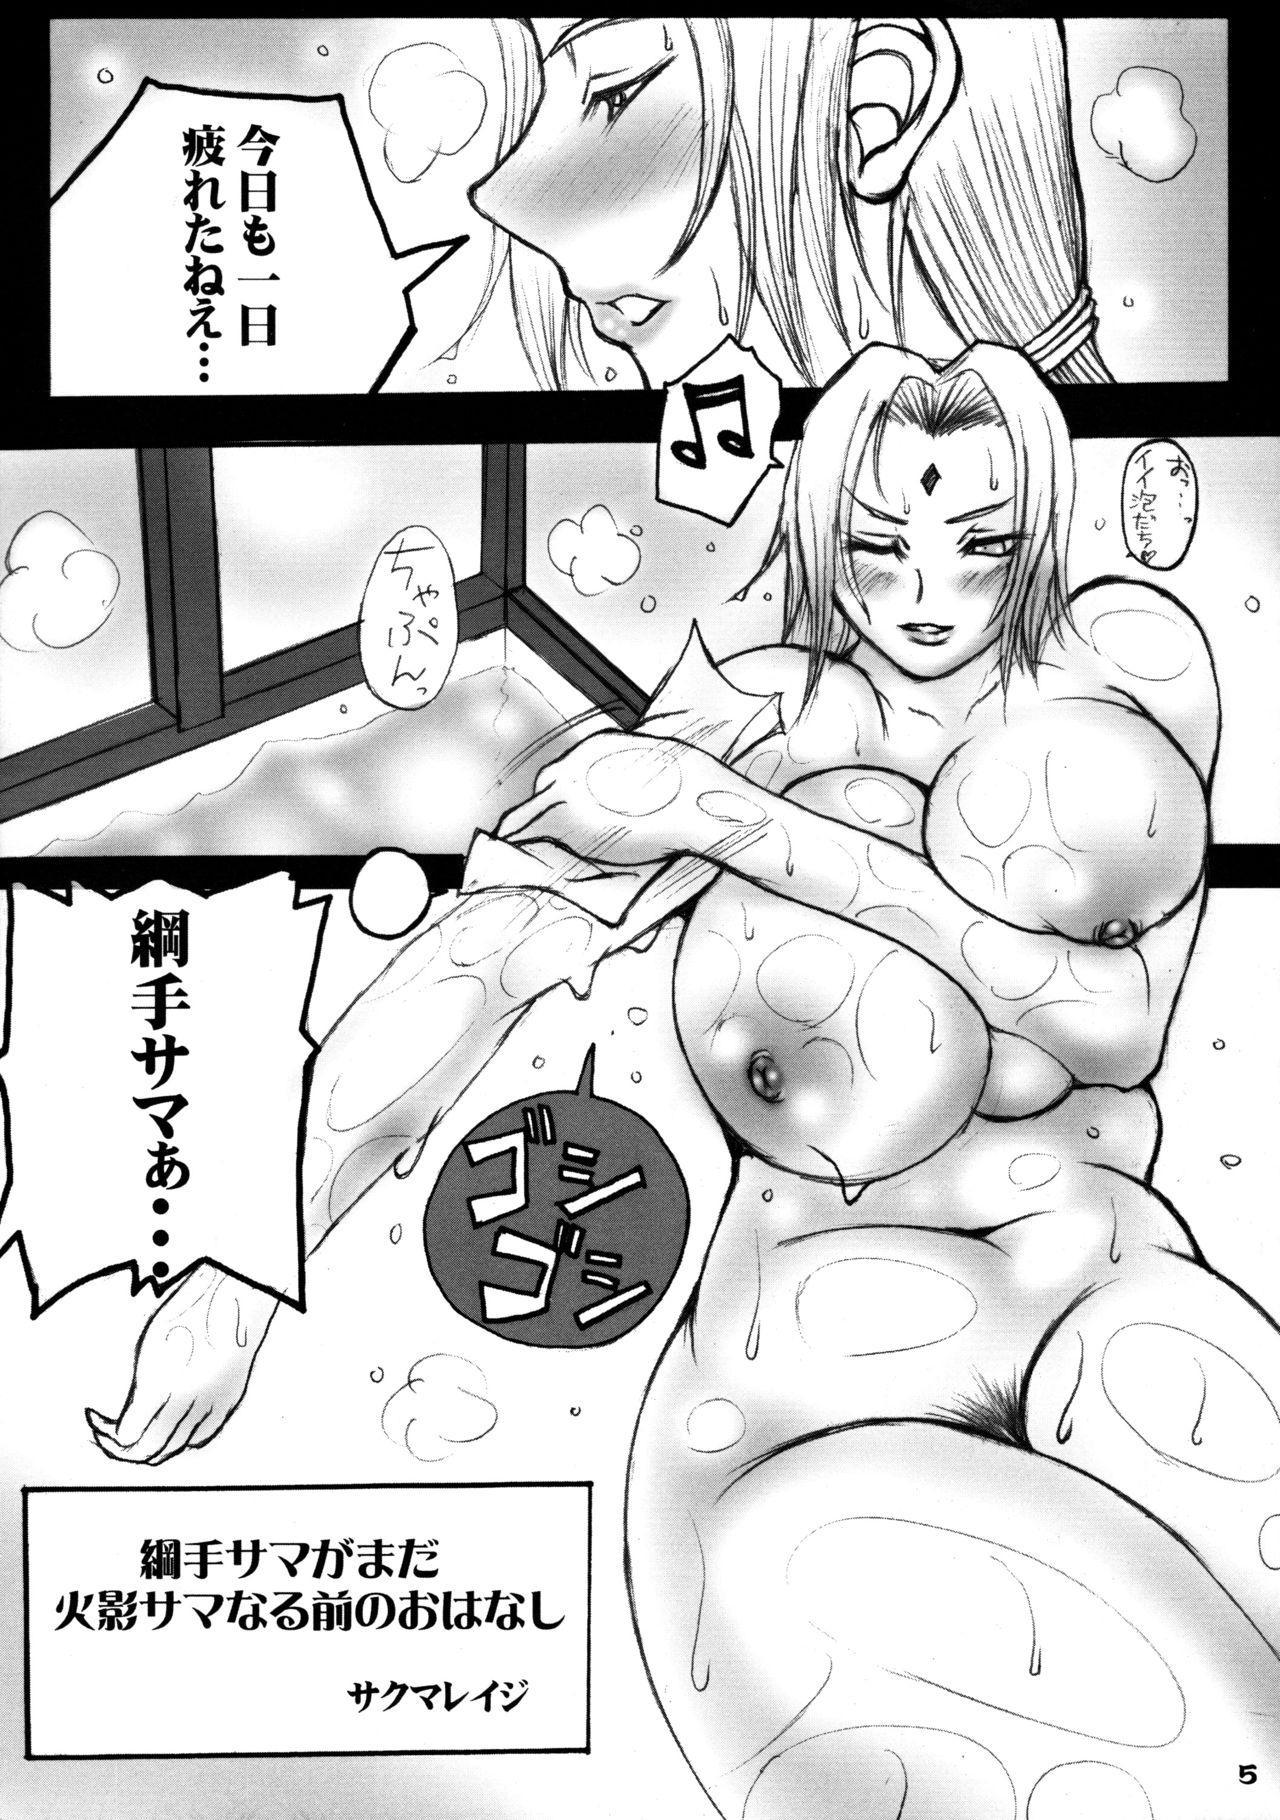 Kubigari Doraku 4